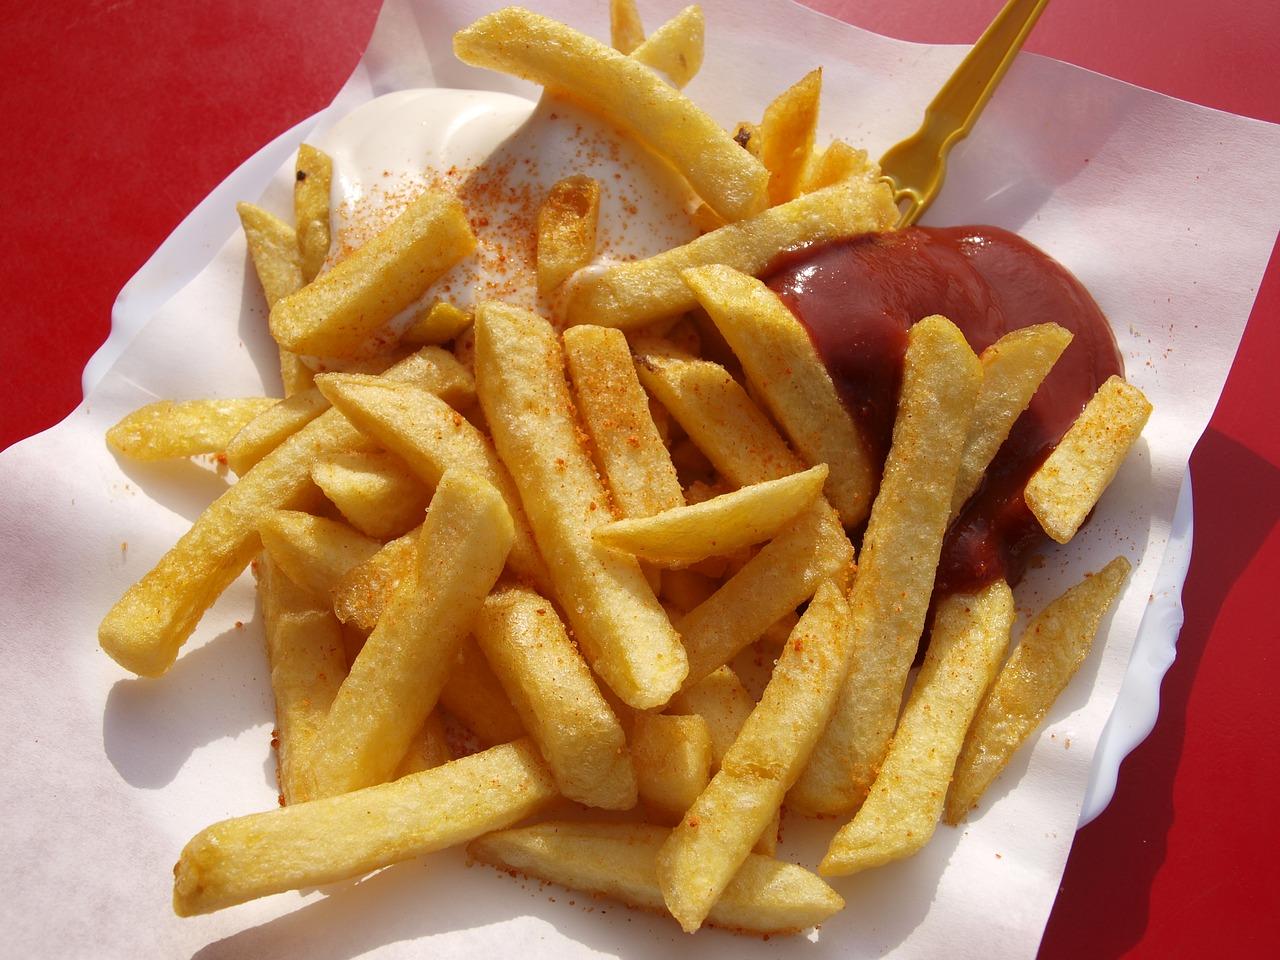 La maionese e il ketchup di McDonald's non sono più idonei?